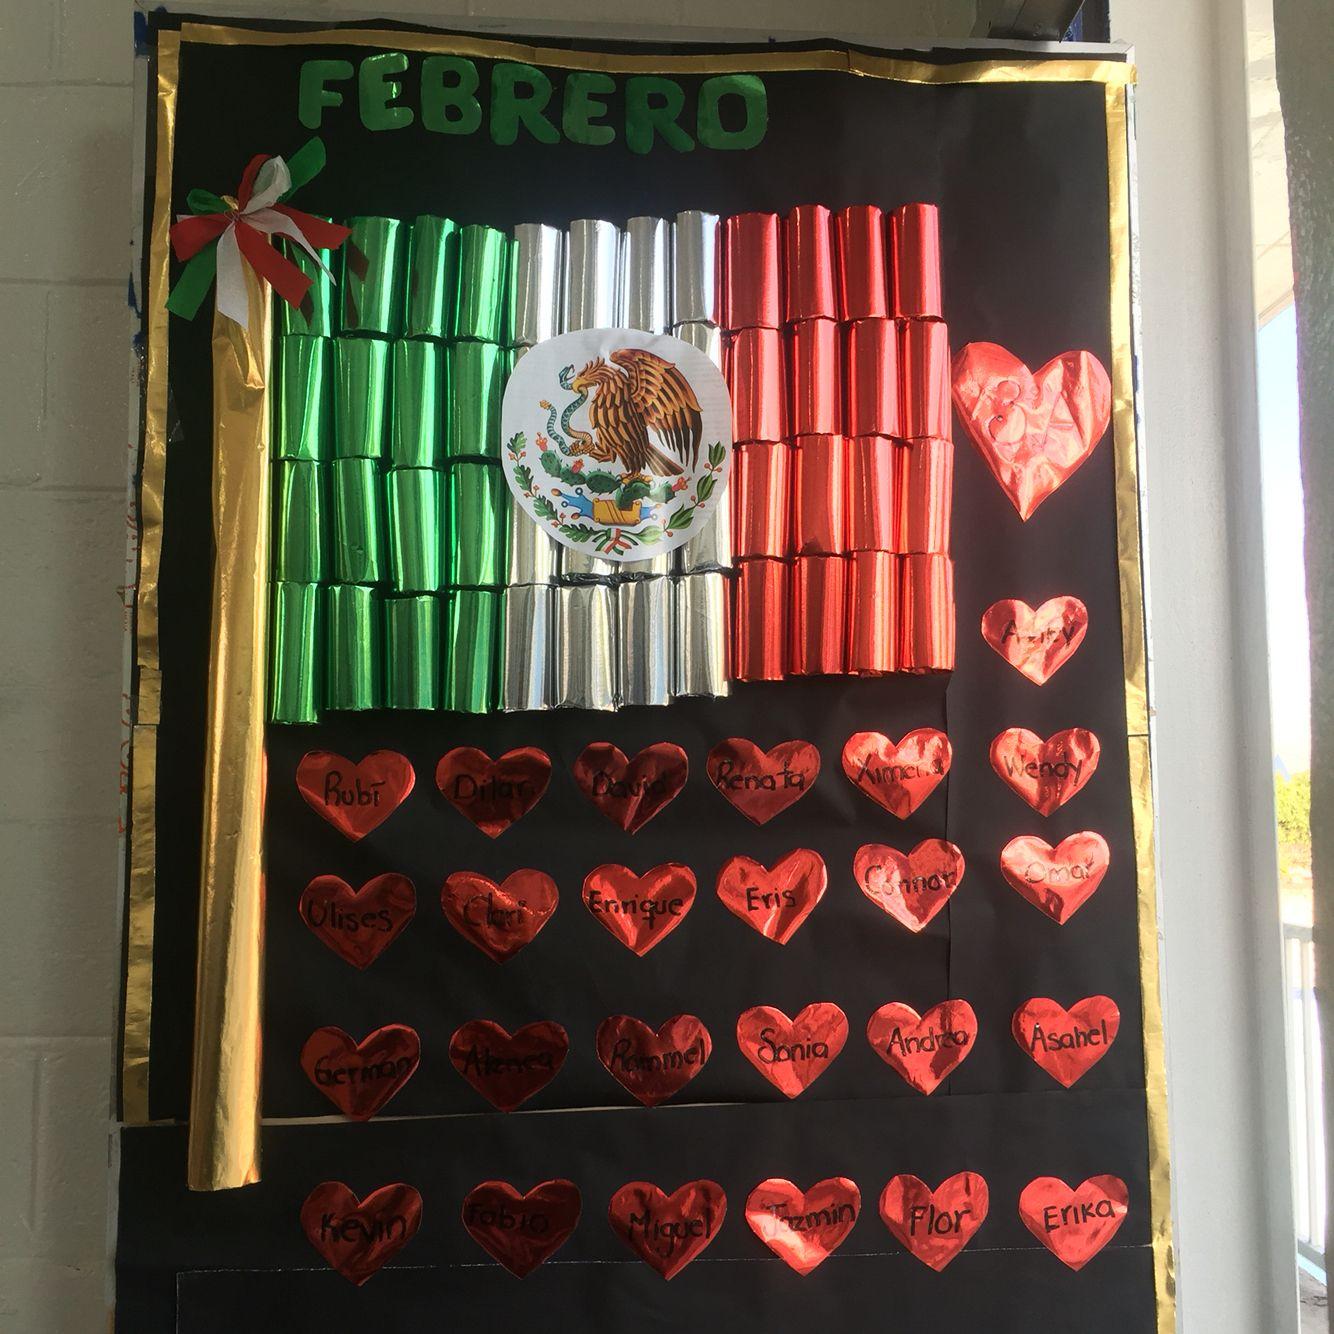 Febrero puertas decoradas puertas decoradas for Puertas decoradas para el 16 de septiembre